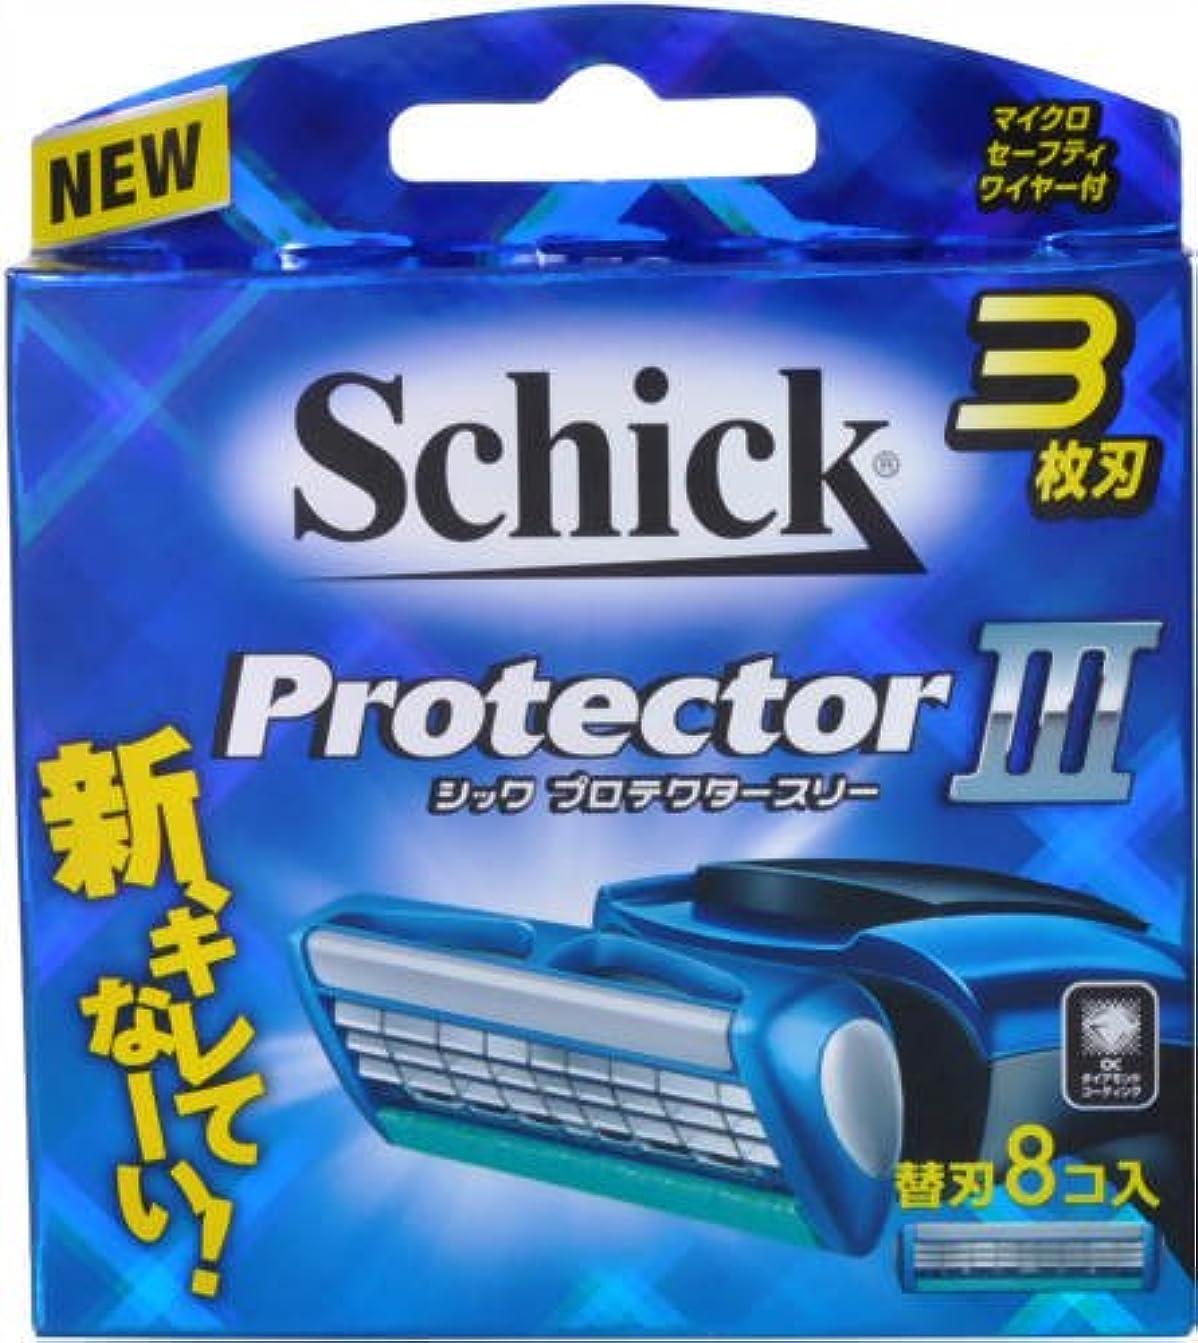 フラフープライム保険シック プロテクタースリー 替刃 (8コ入)